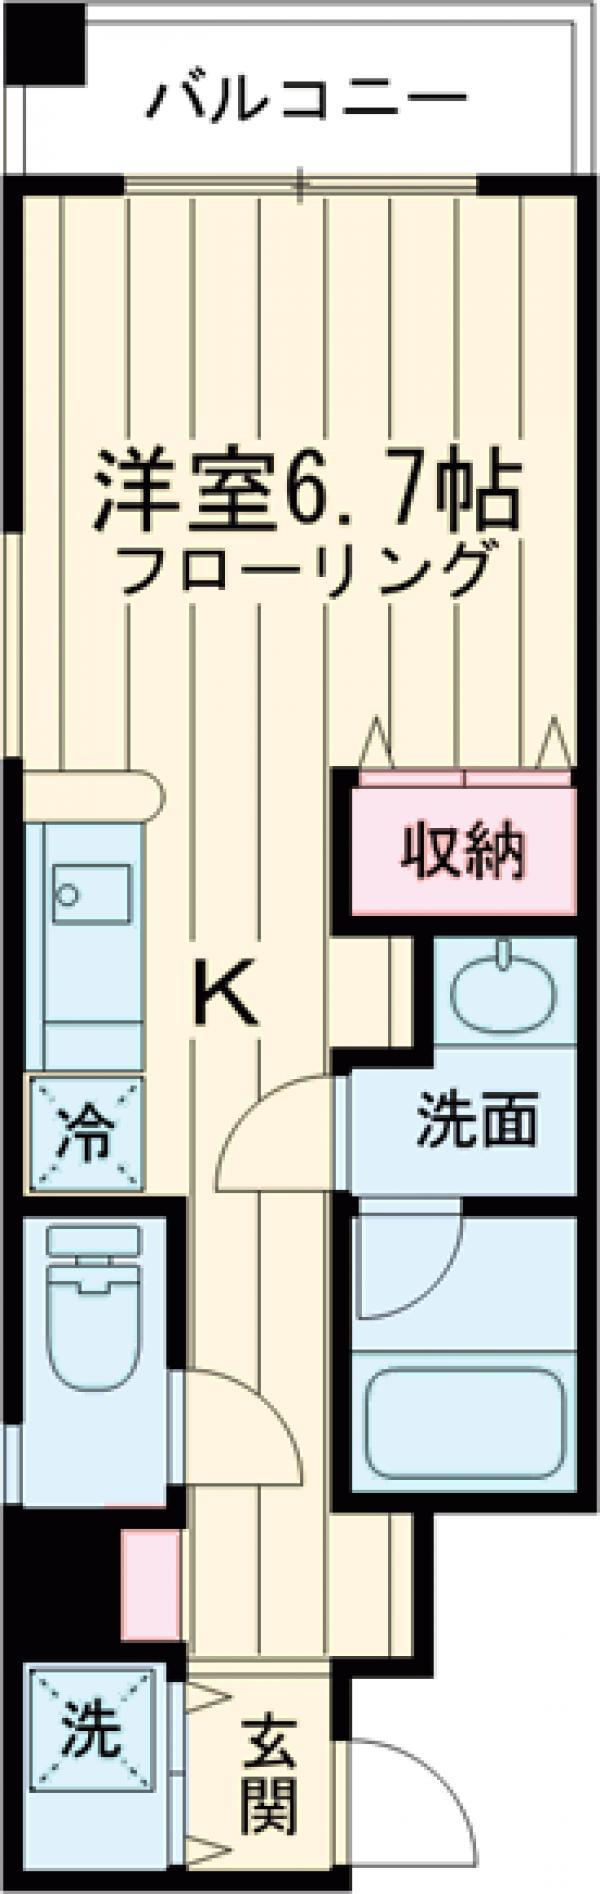 オールイン駒沢・2F号室の間取り